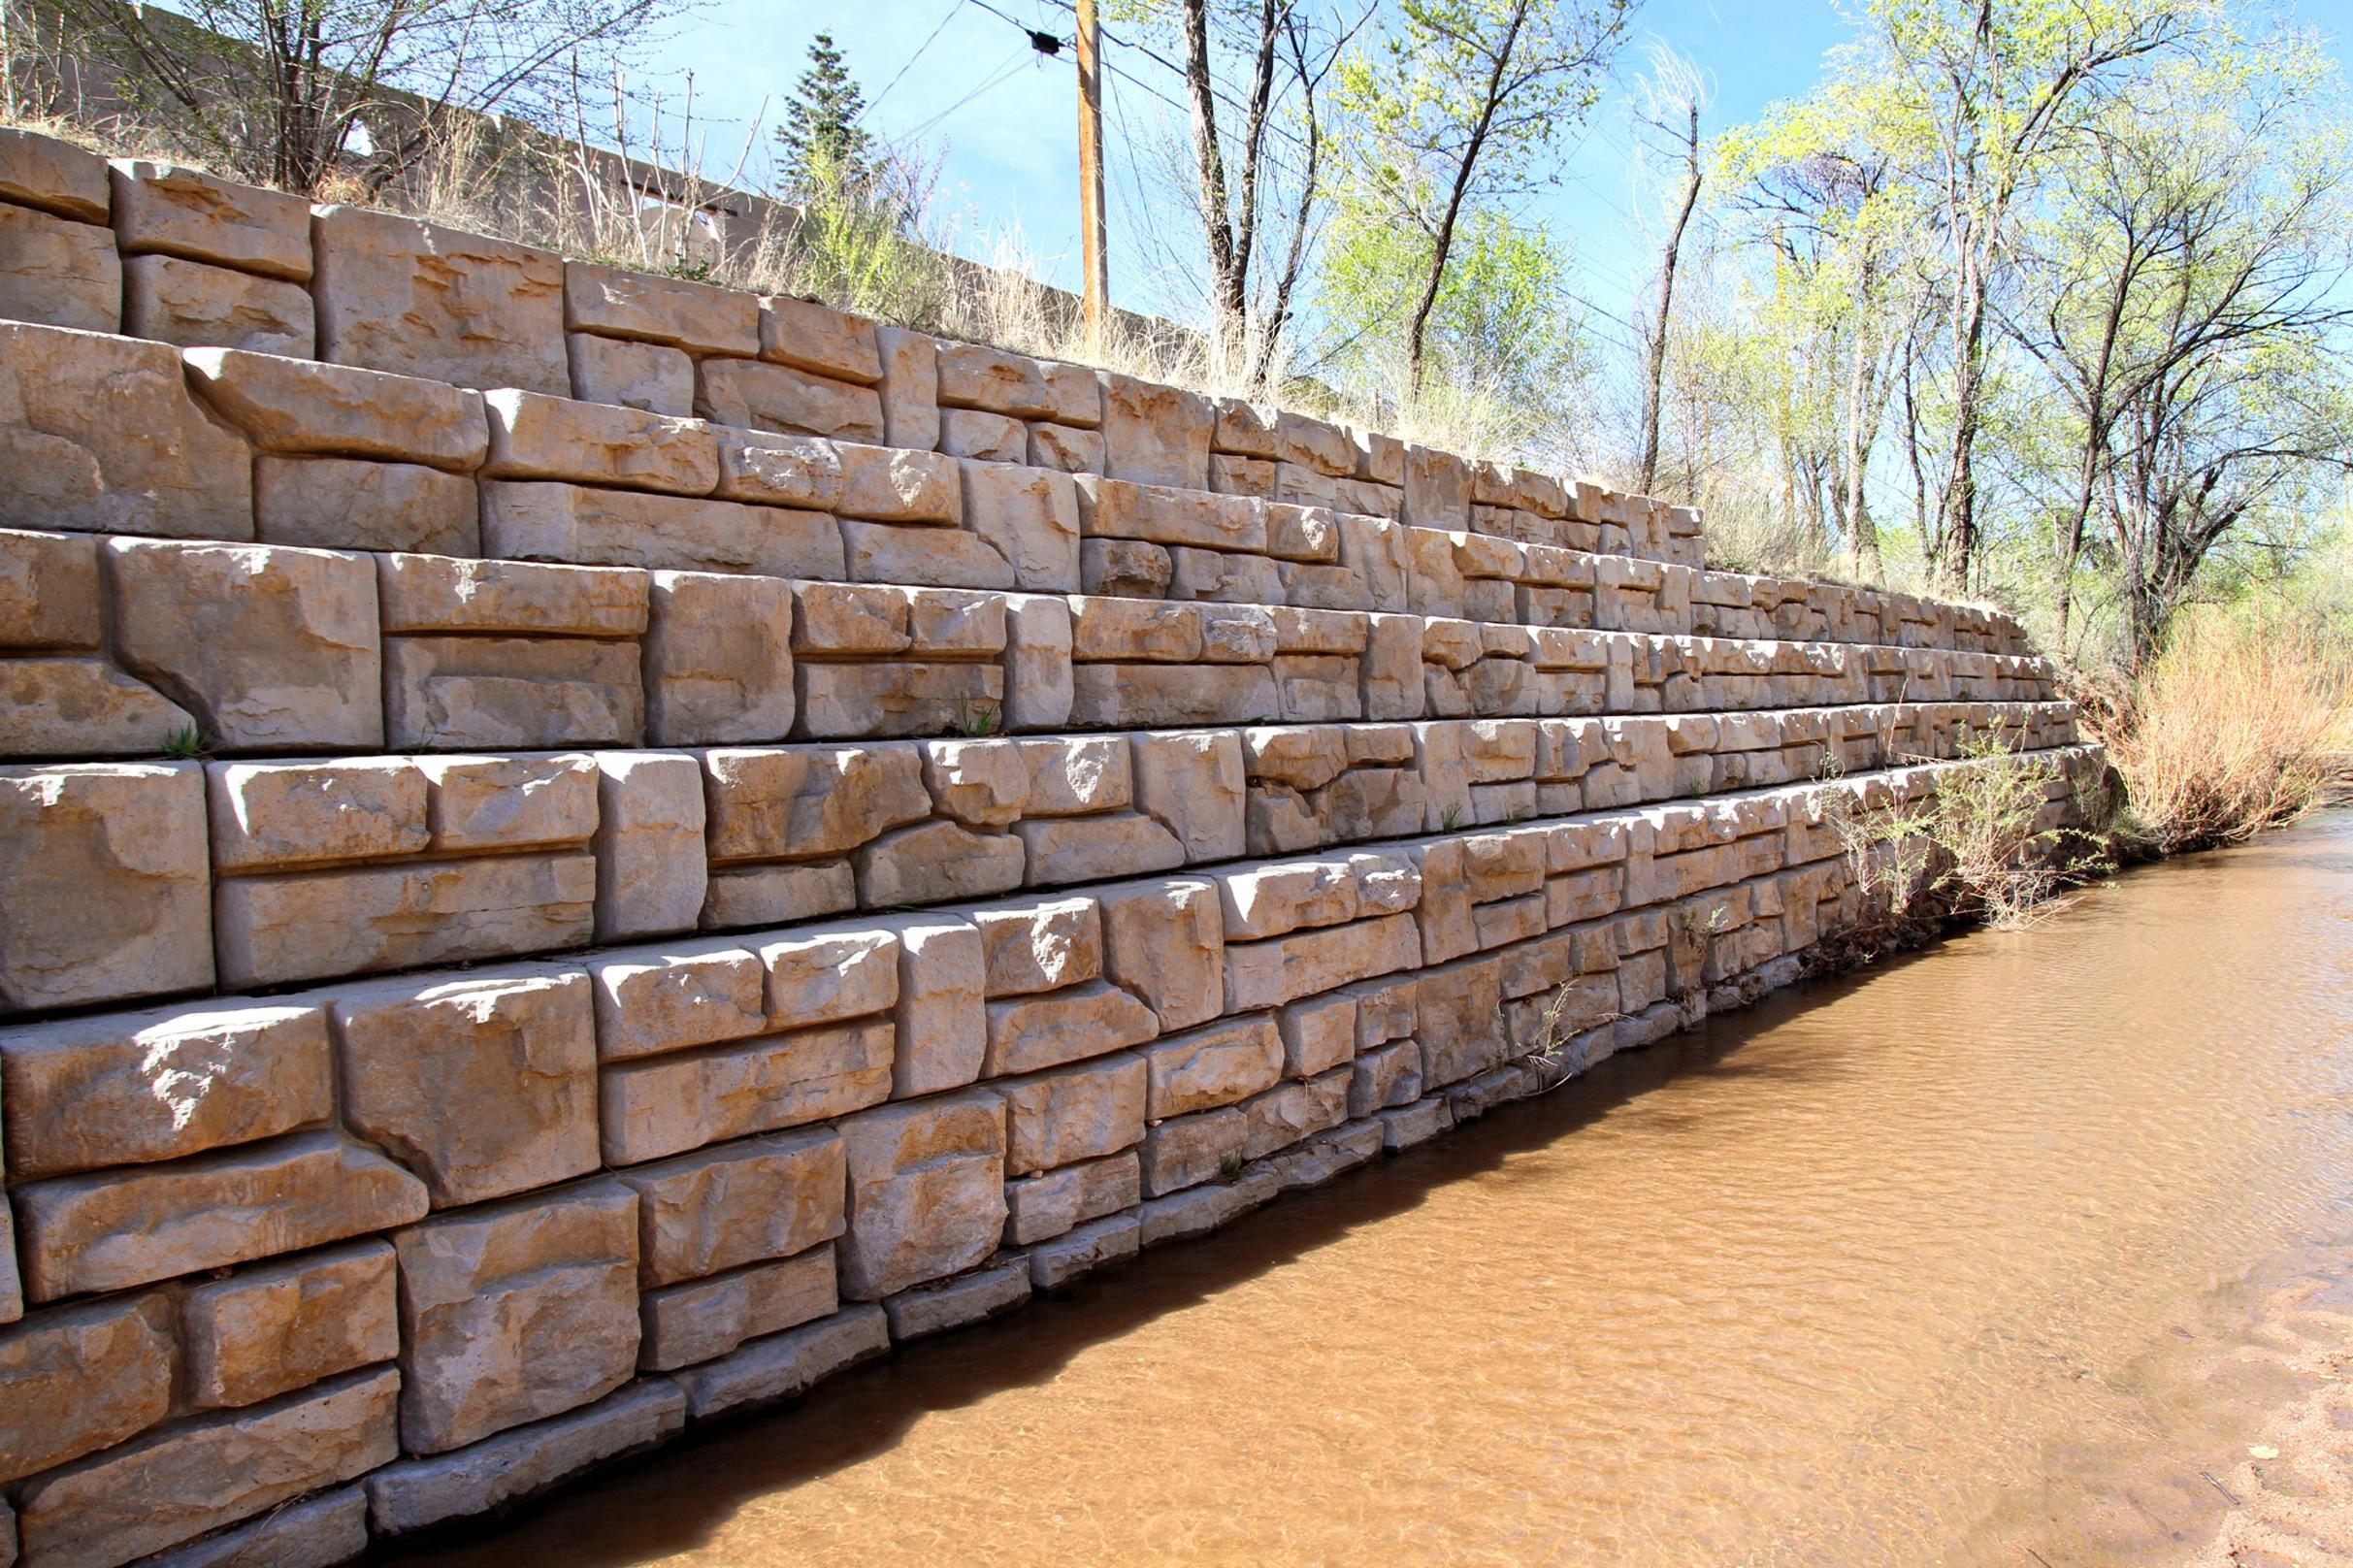 Granite Block Seawall : Redi rock seawalls water applications wall llc